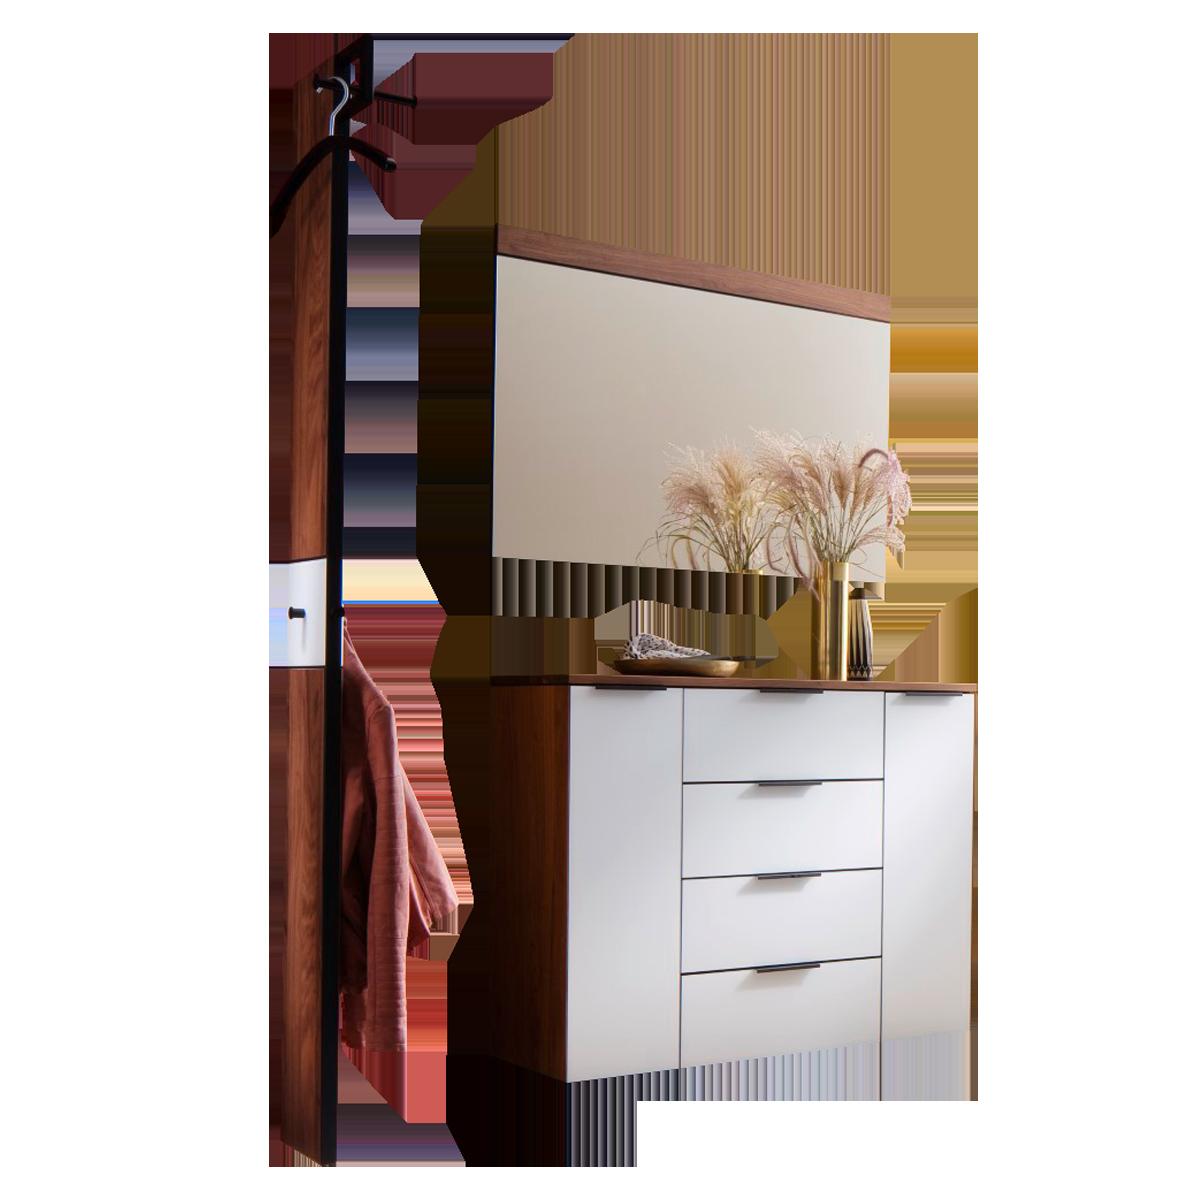 Wittenbreder Novara Garderobenkombination Nr. 05 komplette Garderobe für  Ihren Flur und Eingangsbereich 3-teilige Vorschlagskombination im Nussbaum  ...